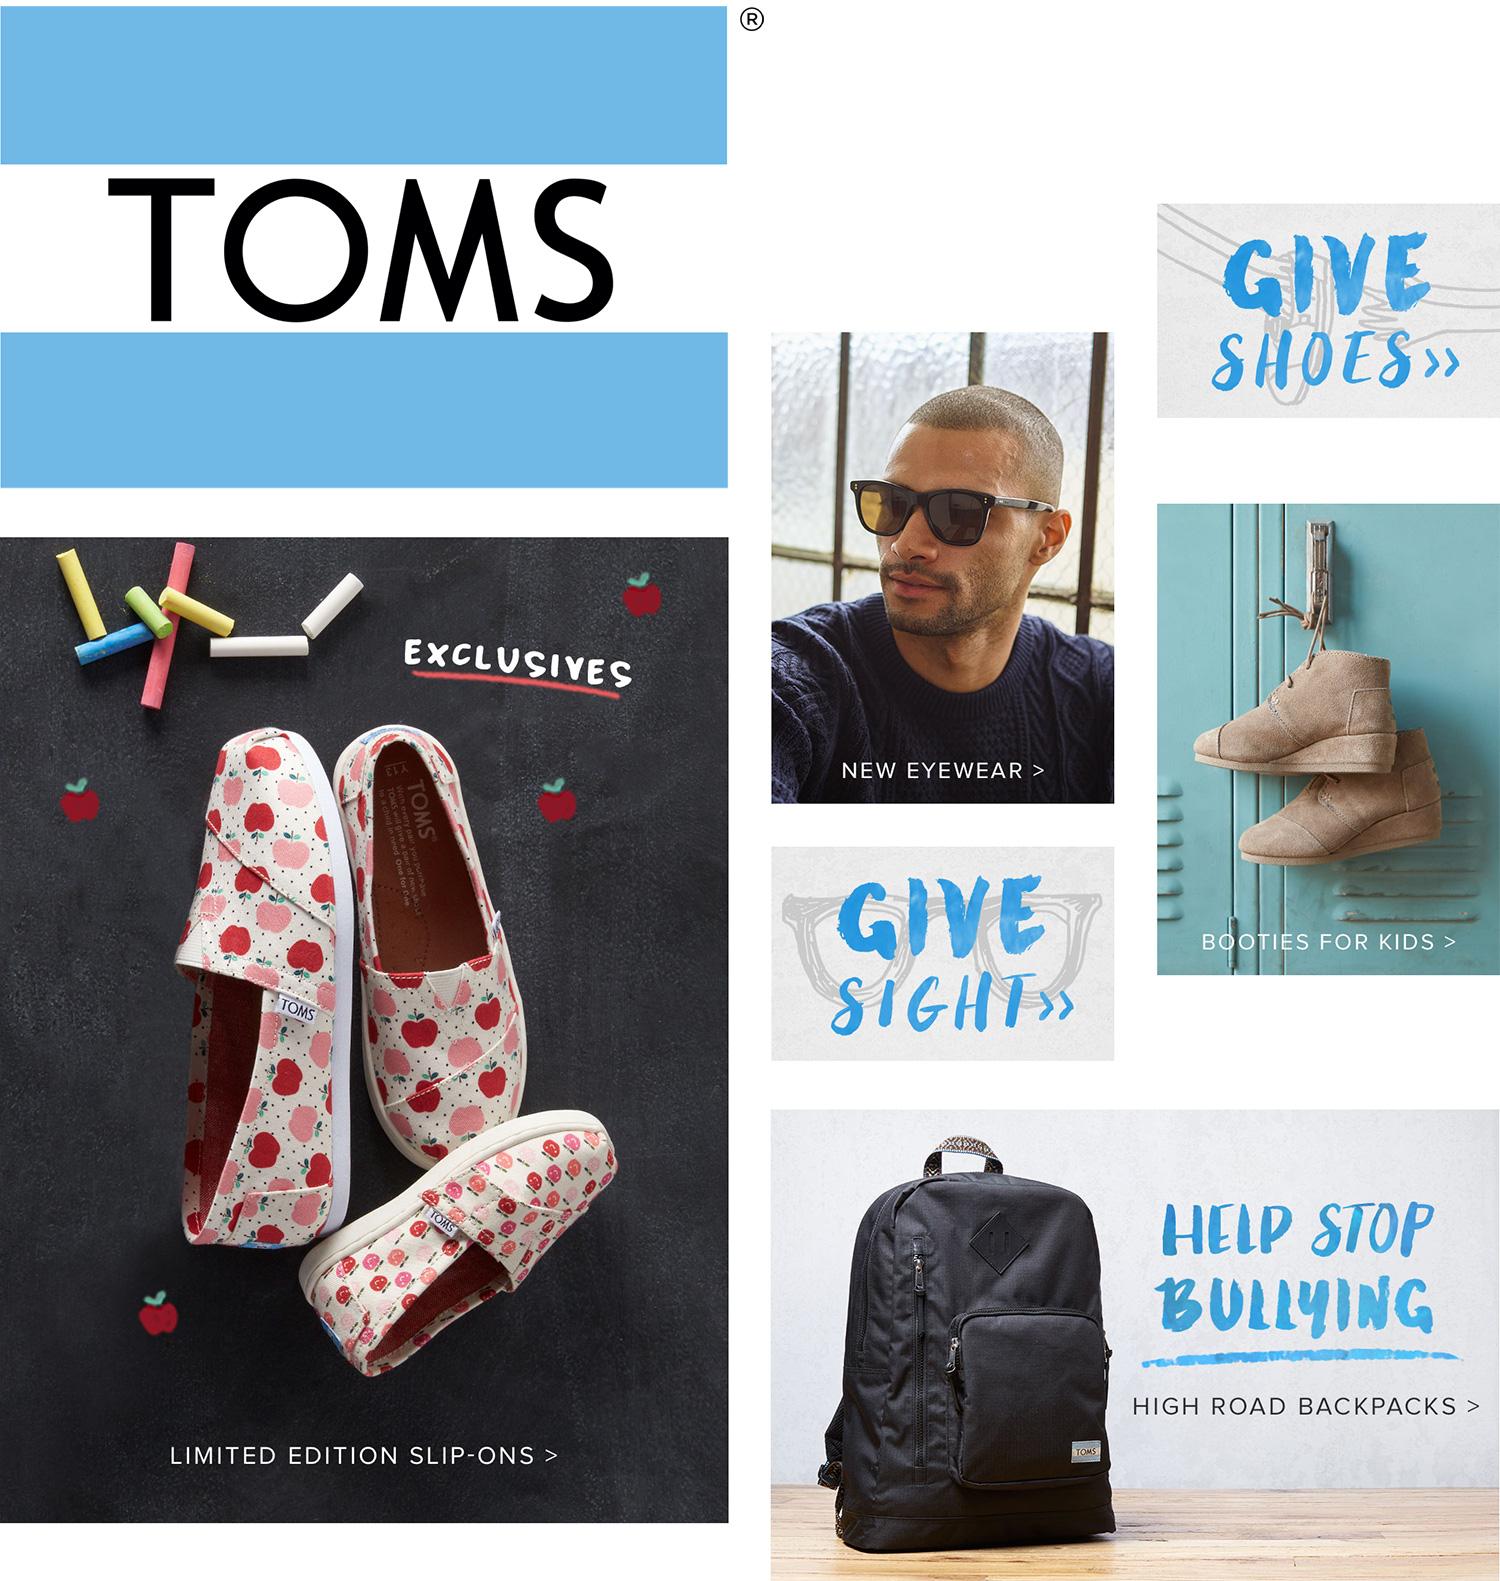 toms-blog-01